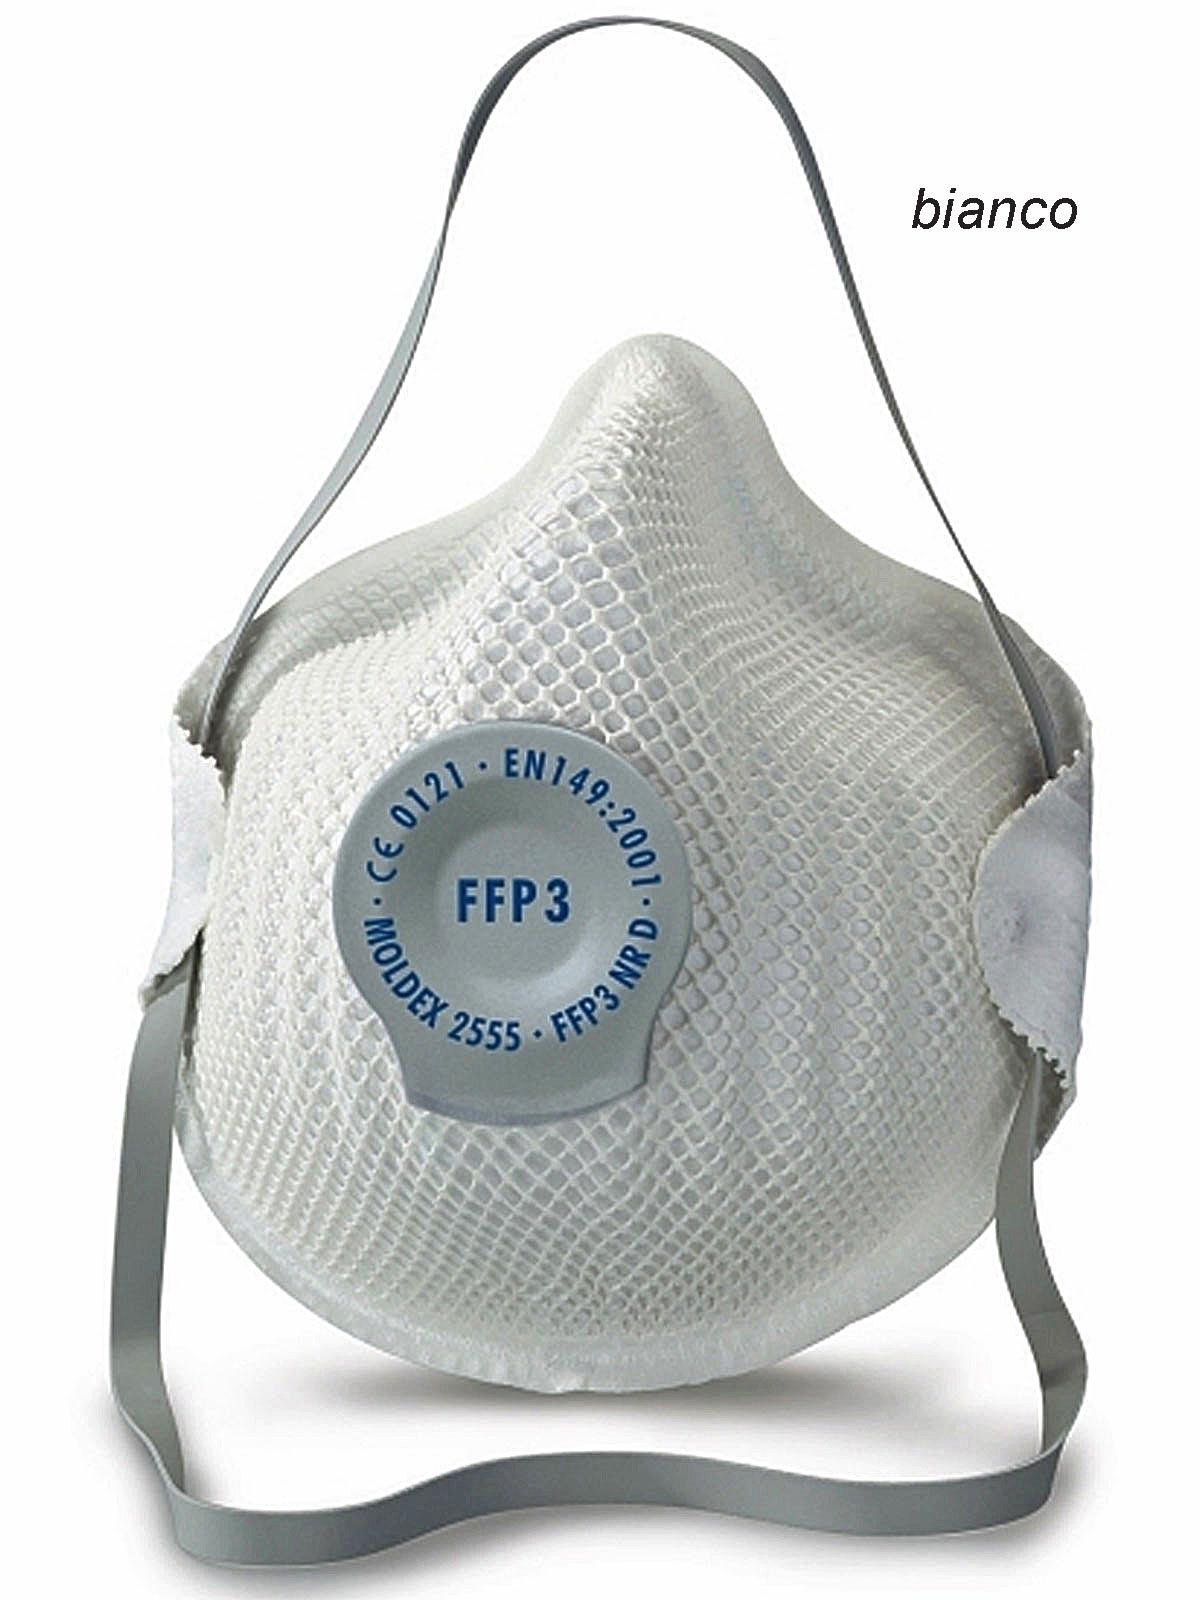 mascherine ffp3 senza valvola